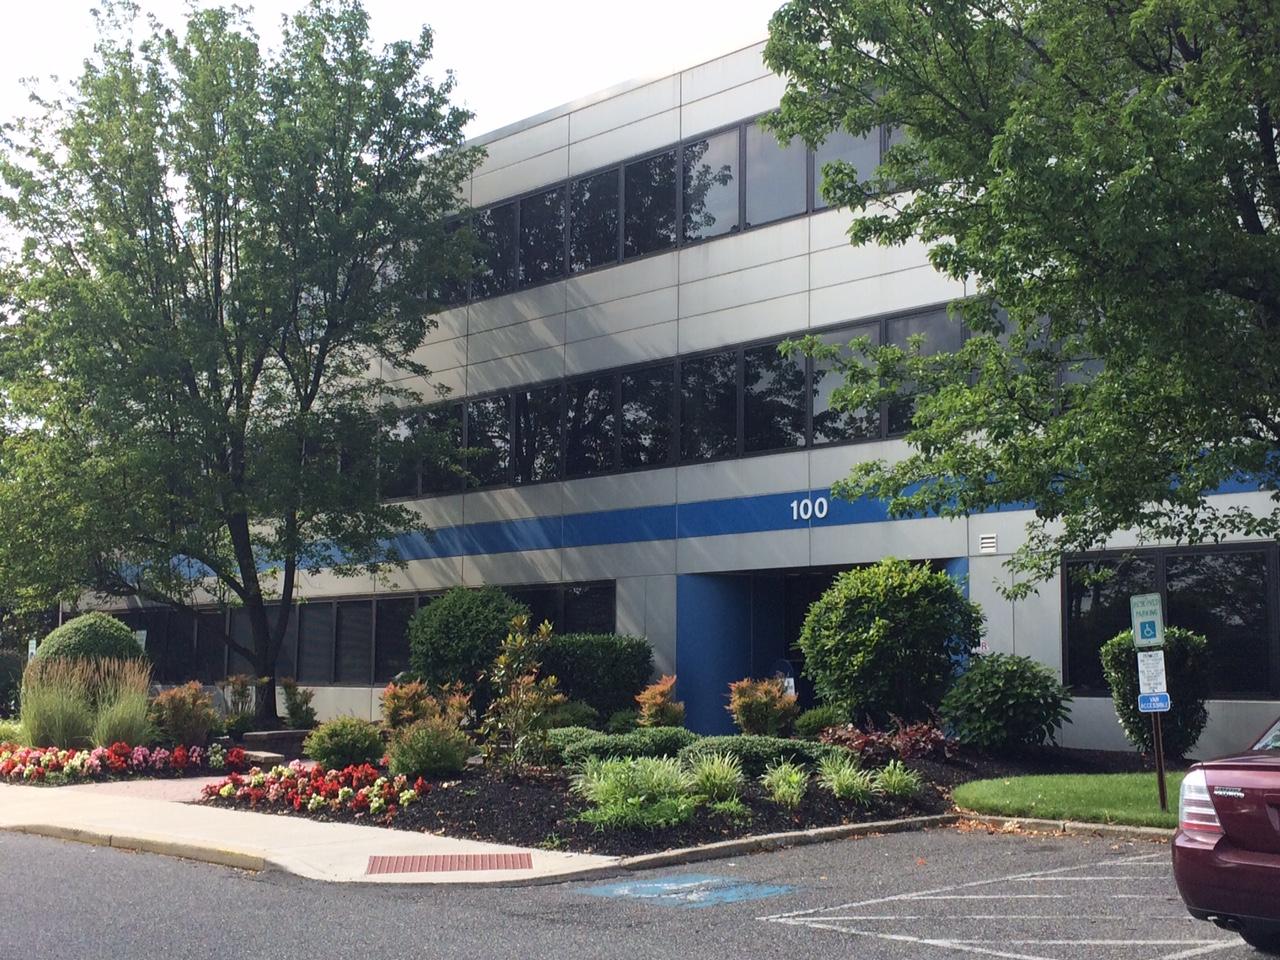 Lease office space in Mount Laurel, NJ